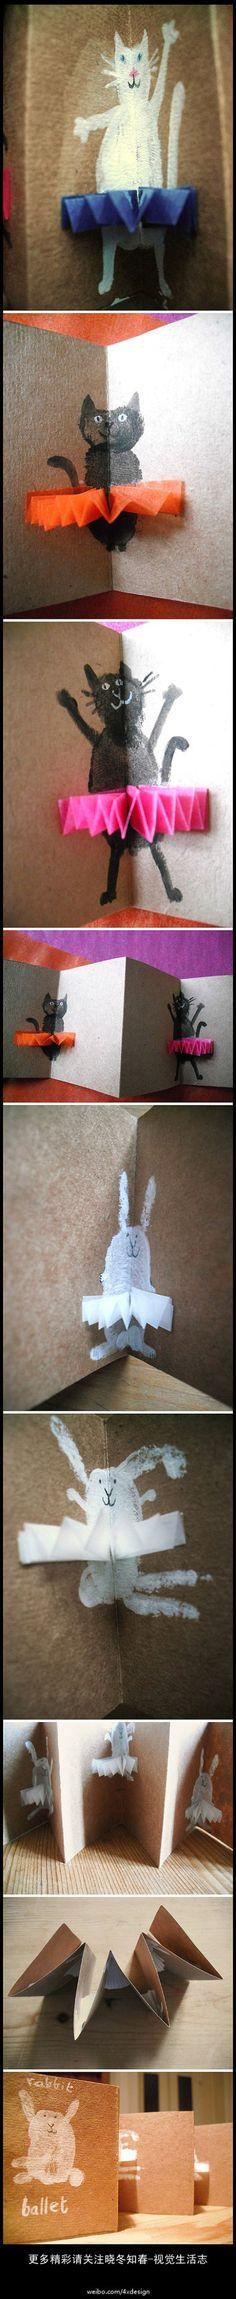 在Hazel Terry(Scotland)的flickr相册里面看到的ballet rabbits和ballet cats卡片。好像兔子和猫子是指纹按出来的,可惜照片拍得不是很全,idea蛮好的,可以用作小盆友手工呢。很有爱的说。更多精彩请关注@晓冬知春-视觉生活志